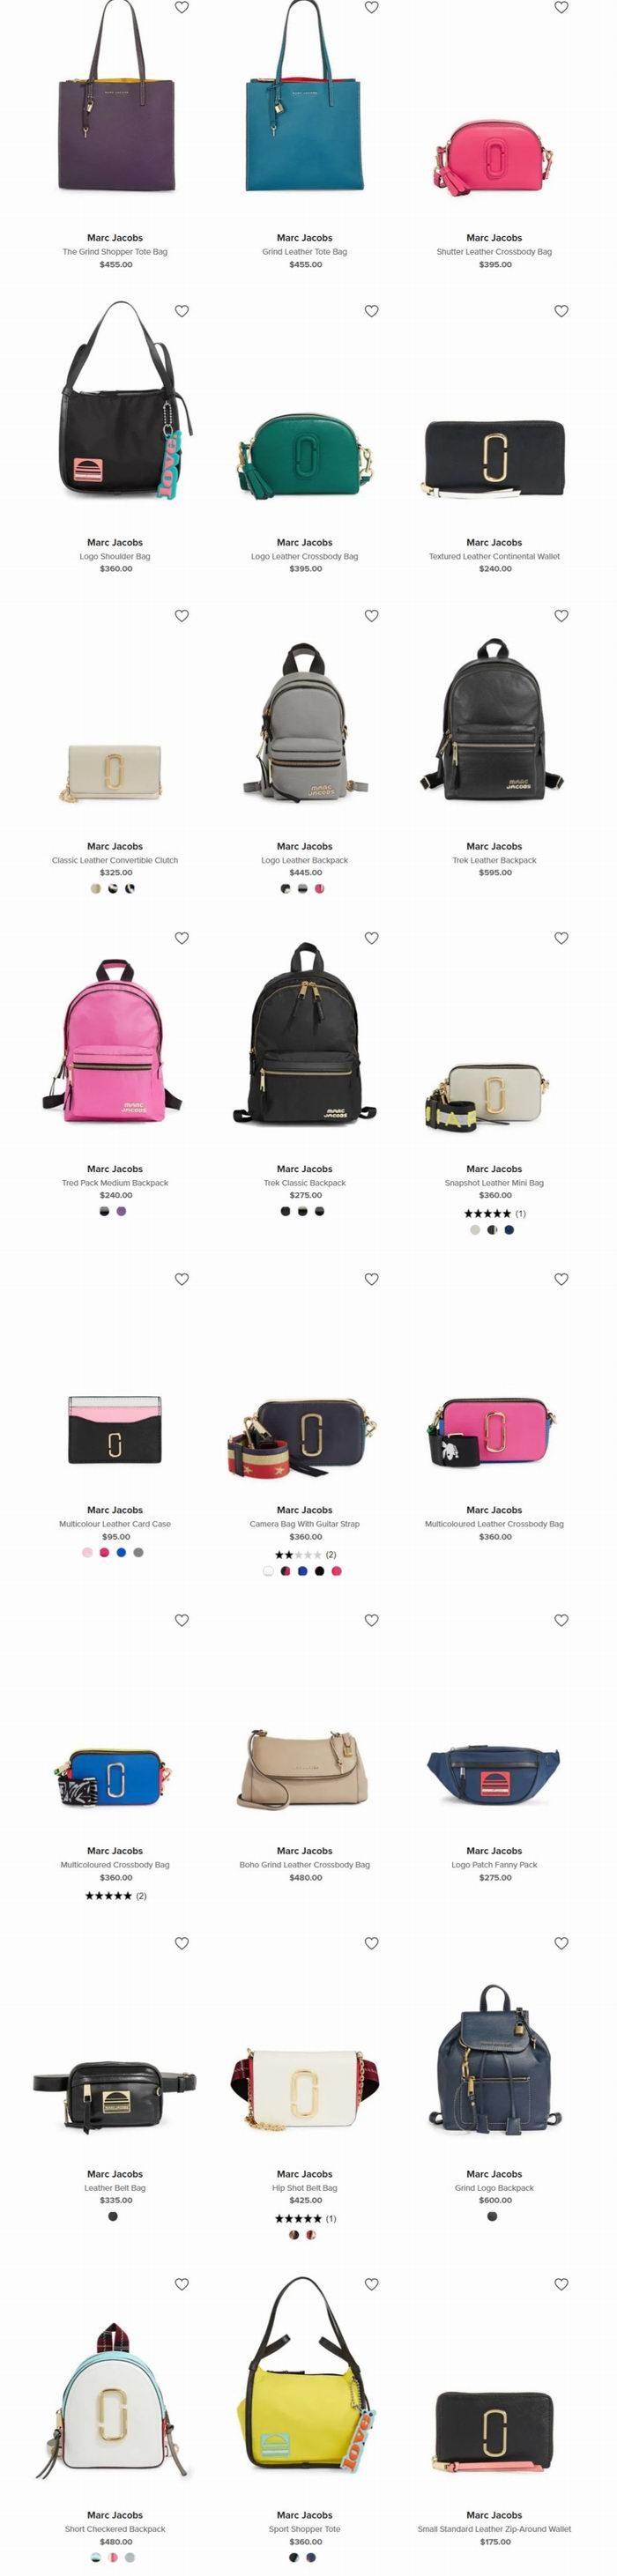 补货了!火得没朋友!精选 Marc Jacobs 时尚美包、相机包、背包等4折起+额外7.5折!